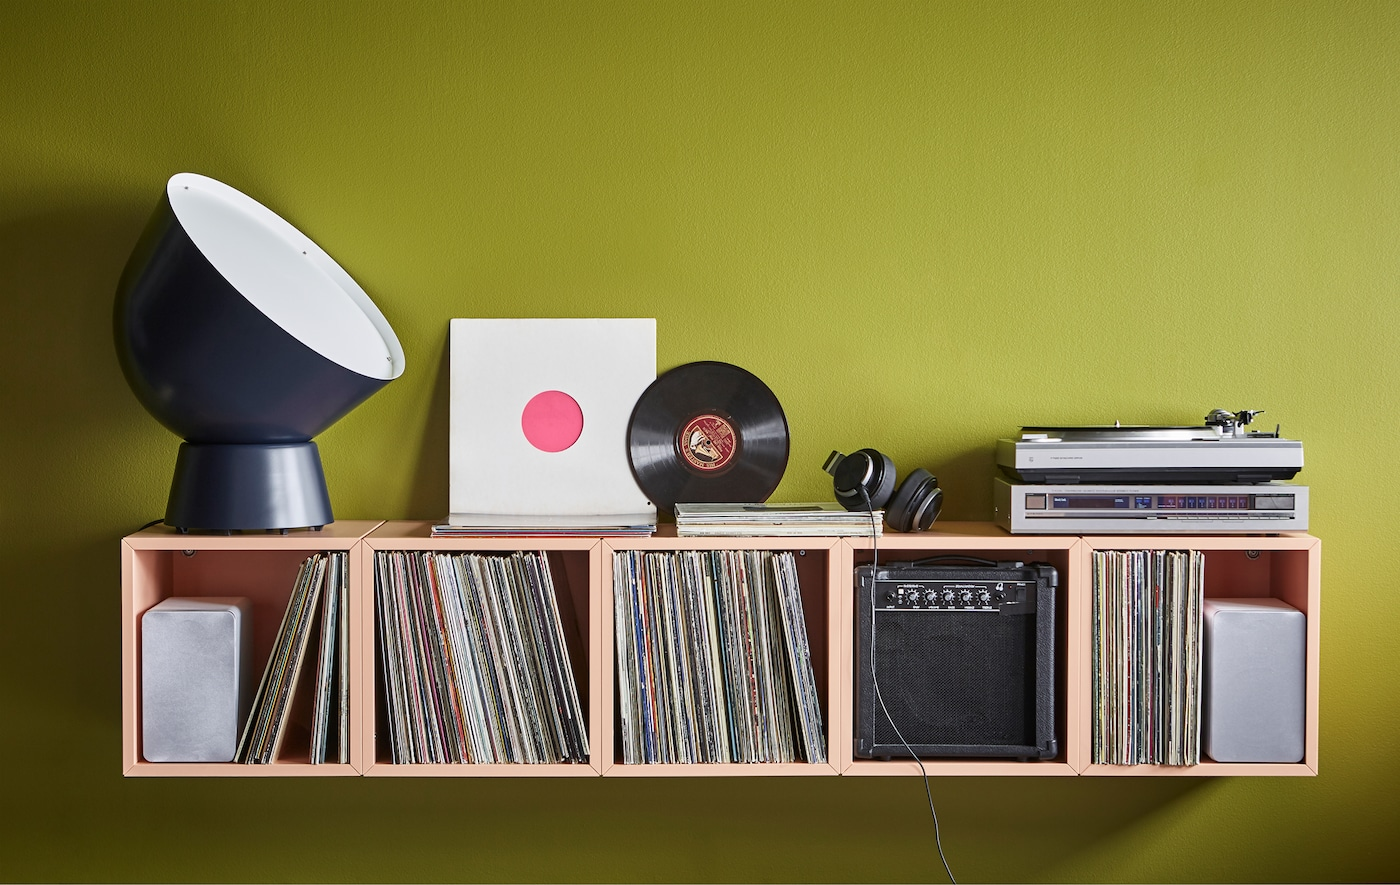 هل تبحث عن أفكار جديدة للديكور المنزلي؟ جهّز منصة مقاطع صوتية منزلية باستخدام الأثاث العصري من ايكيا! قم بإنشاء حل تخزين متباين أو غير متوقع باستخدام خزانتي EKET باللون البرتقالي الفاتح واملأهما بأغراضك.